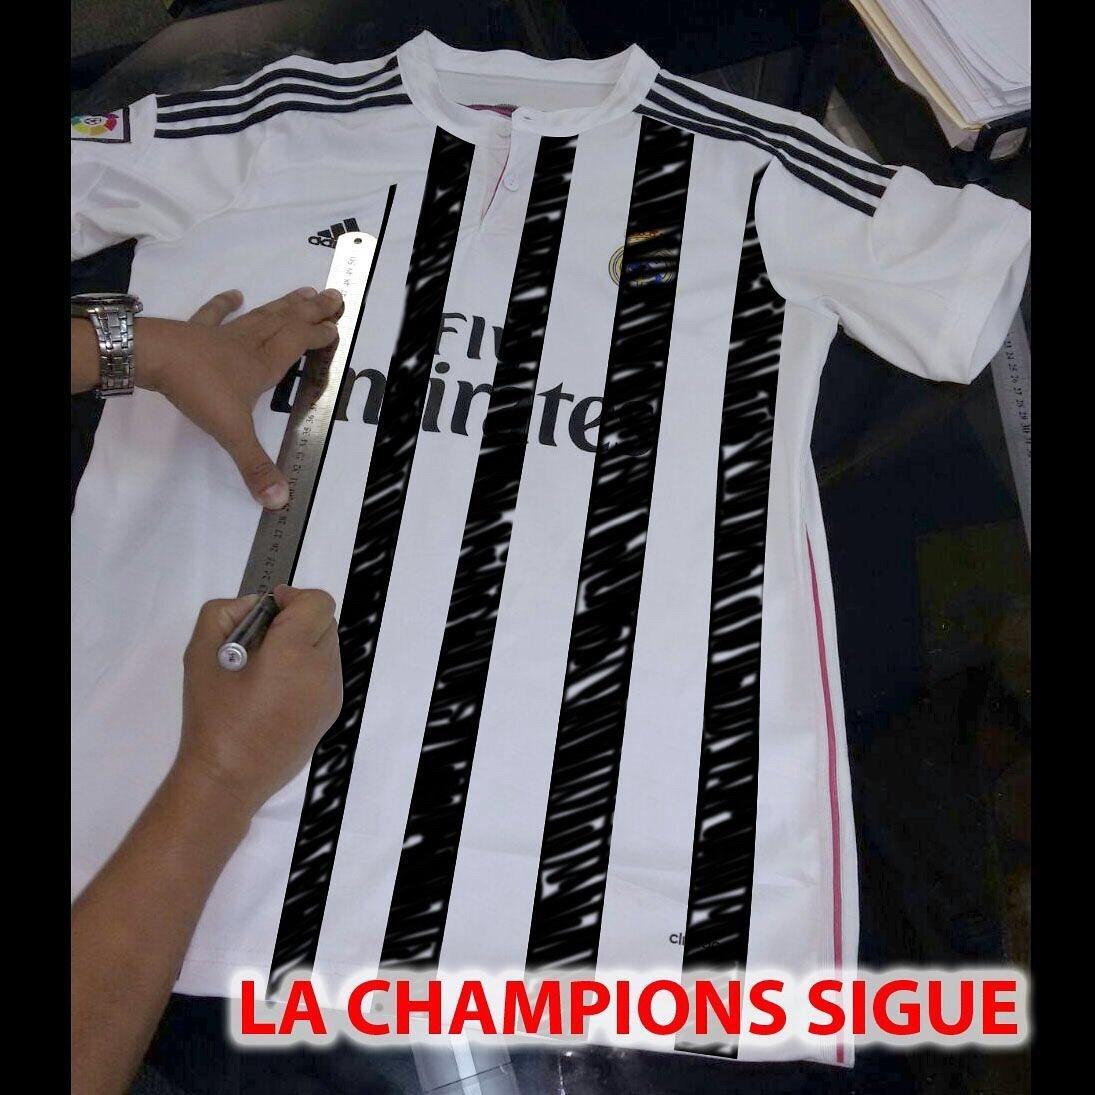 La champions sigue - meme